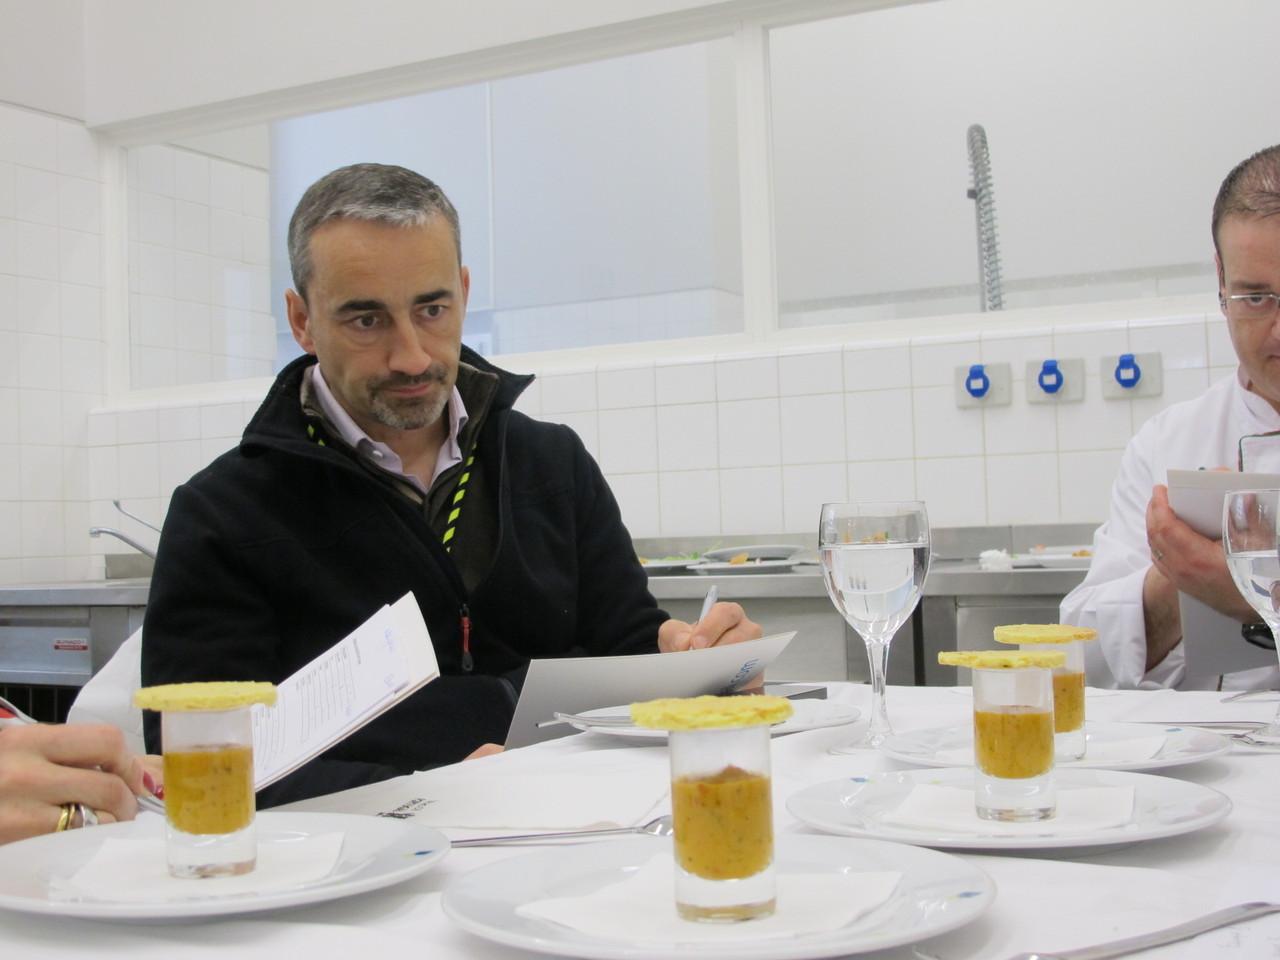 Os membros do júri avaliando os pratos